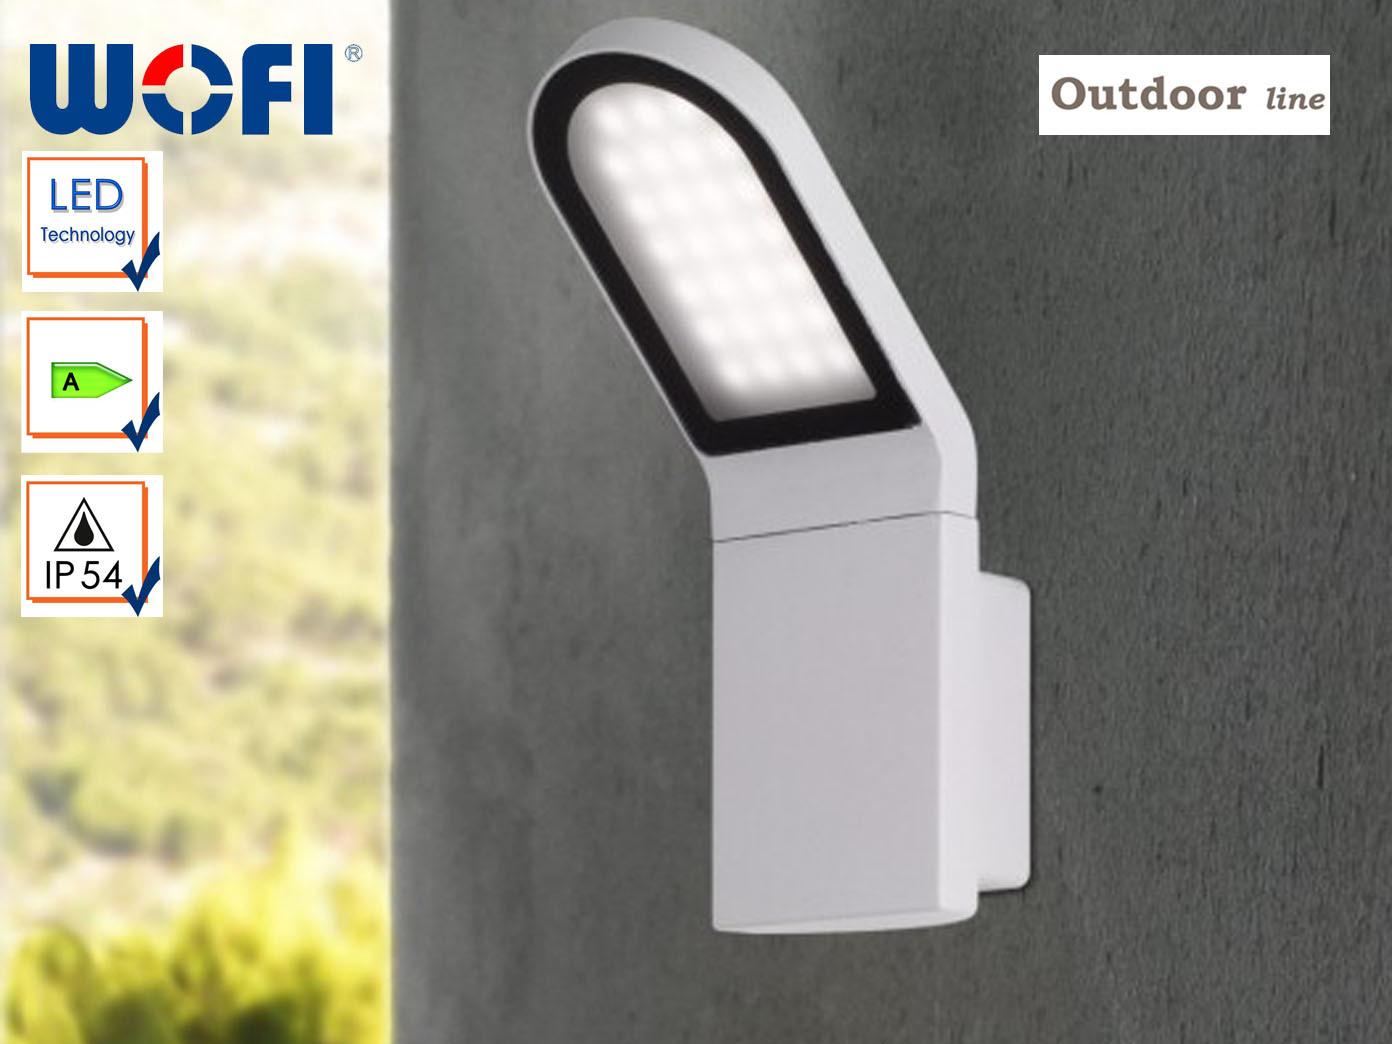 Außenleuchte LED   Außenwandleuchte grau, Wofi-Leuchten | | | Outlet Online Store  | Genial  | Verrückte Preis  bc01cf